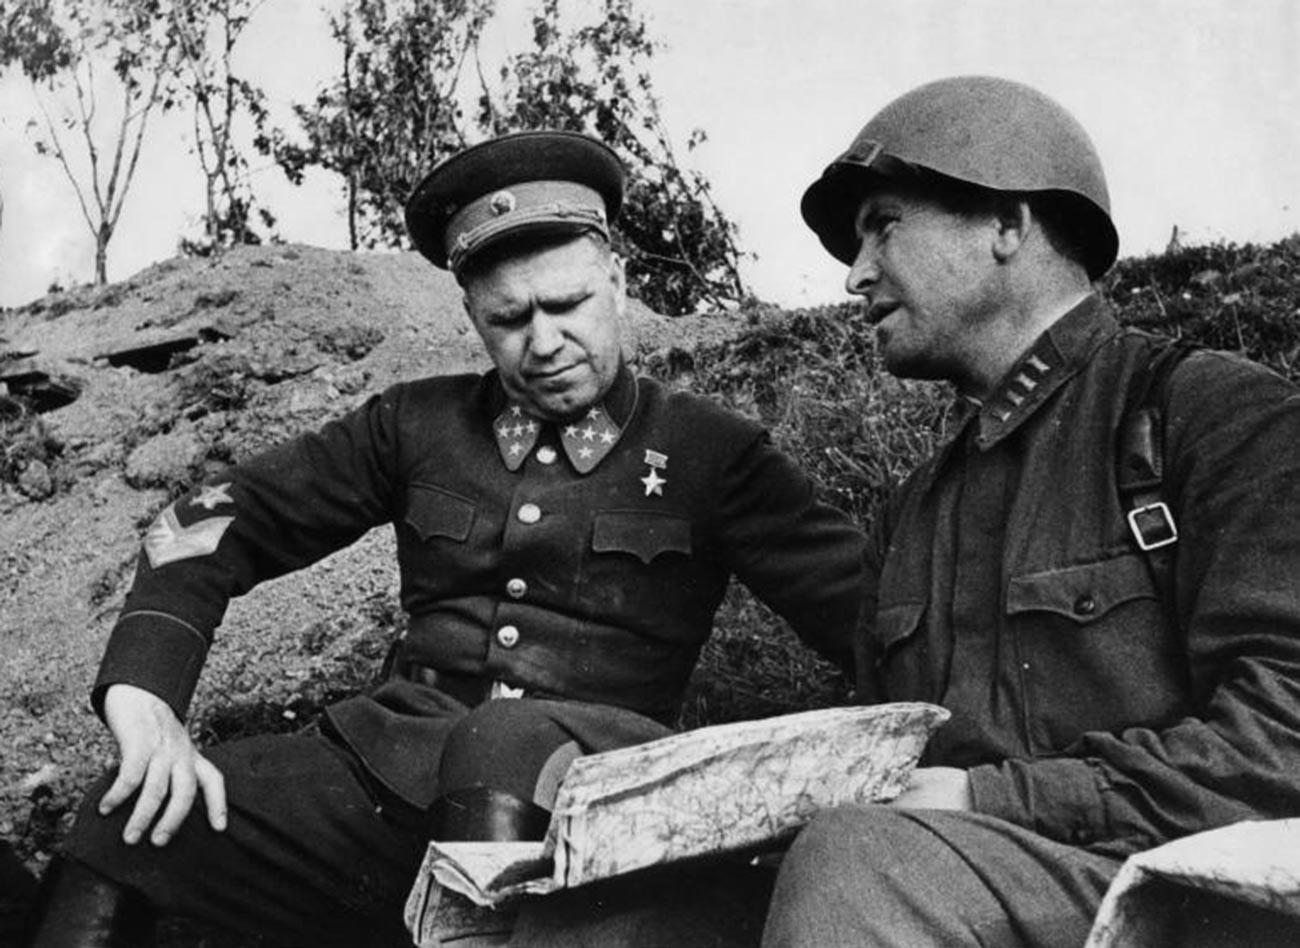 Kommandant des Kiewer Militärbezirks, General der Armee Georgi Schukow und Divisionskommissar Mironow.